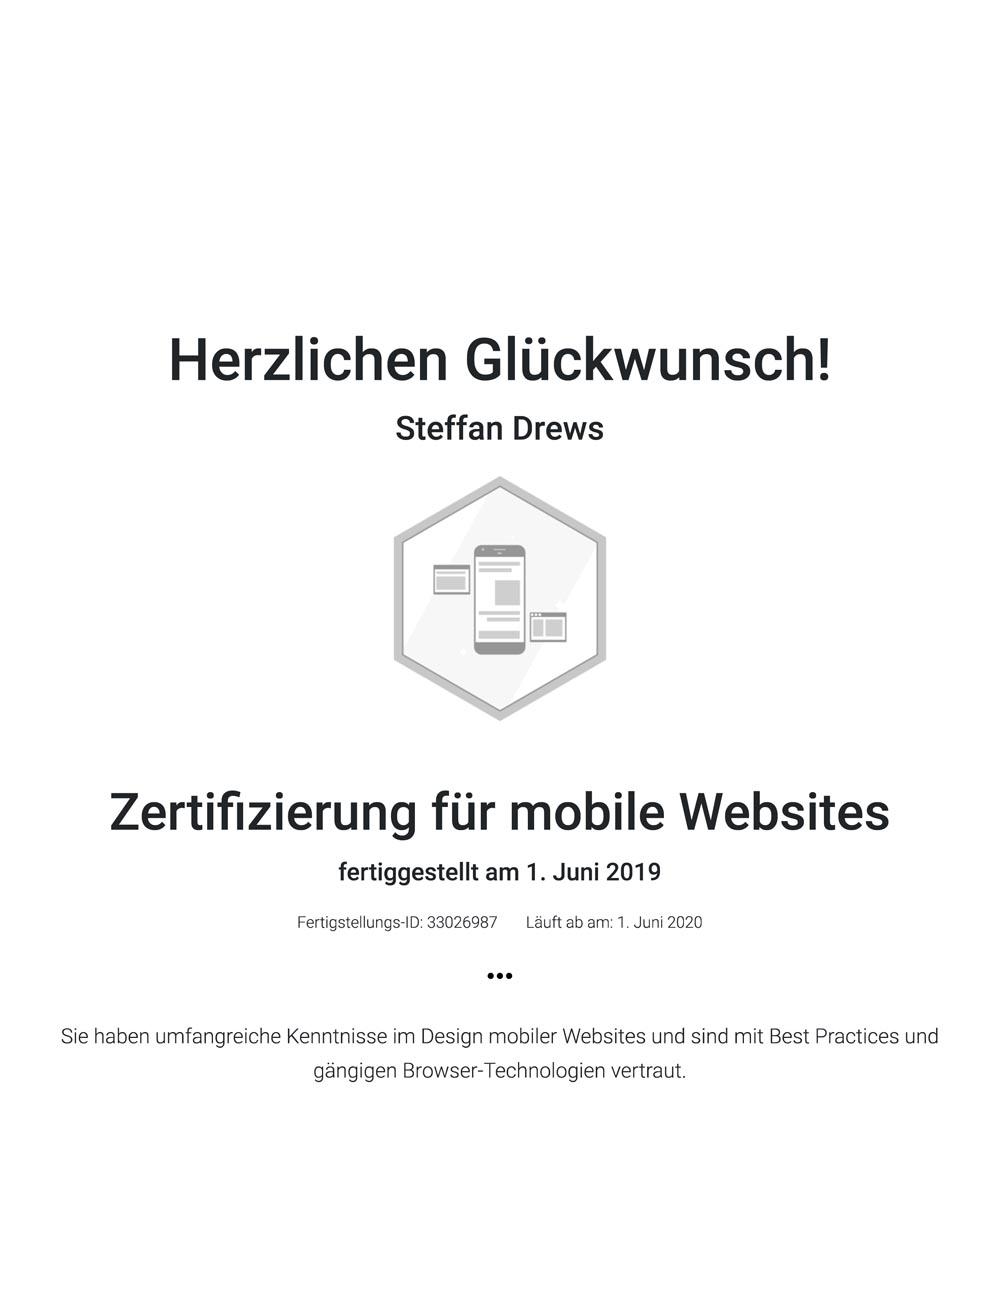 Google Zertifikat mobile Websites